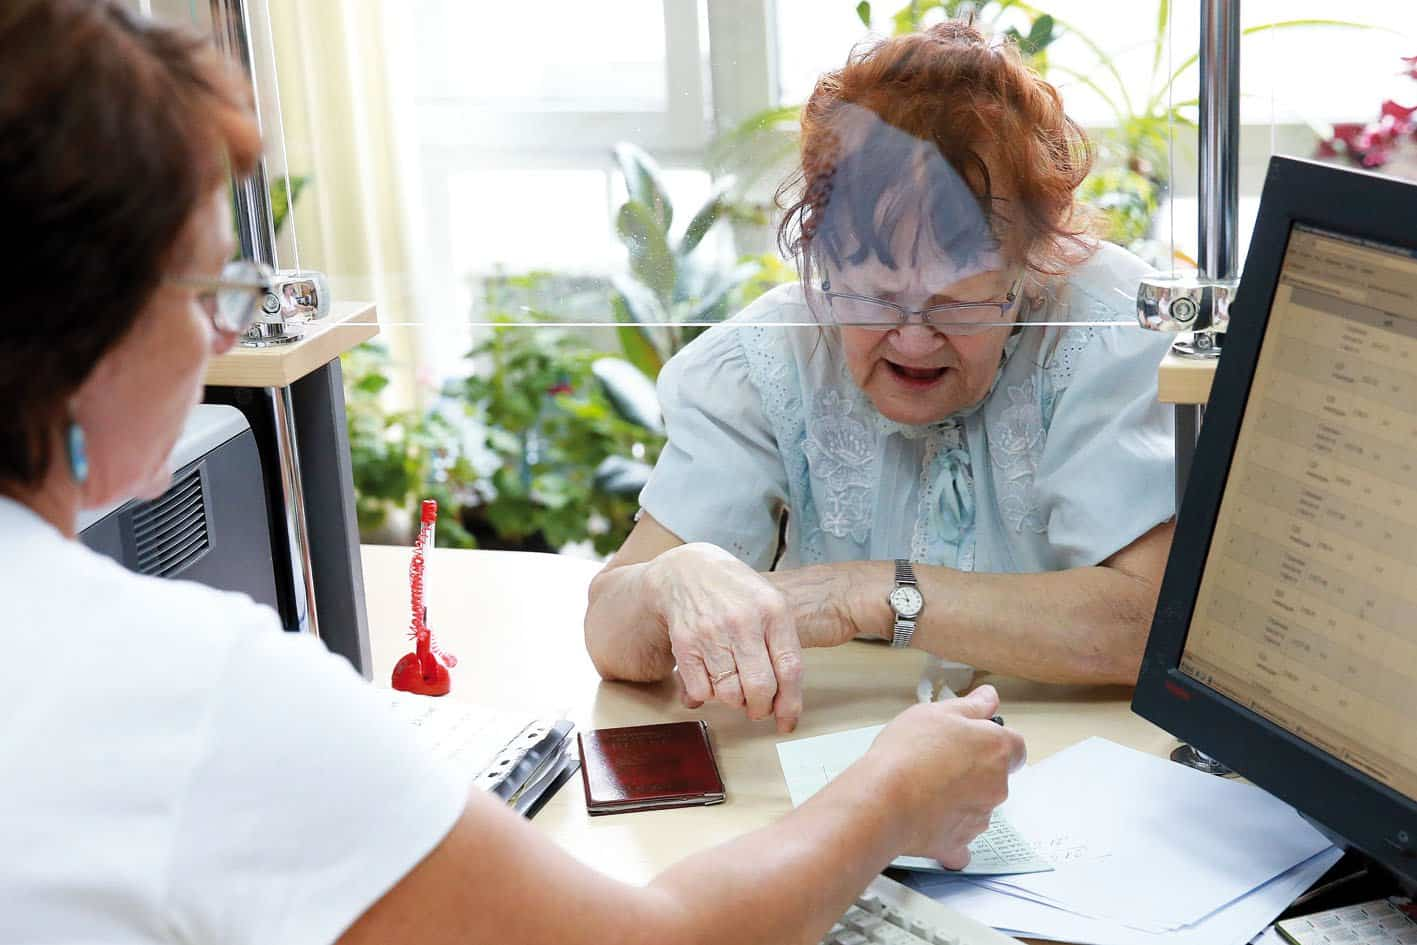 Кому положен перерасчёт пенсии в 2019 году. Работающим и неработающим пенсионерам когда будет индексация, новости